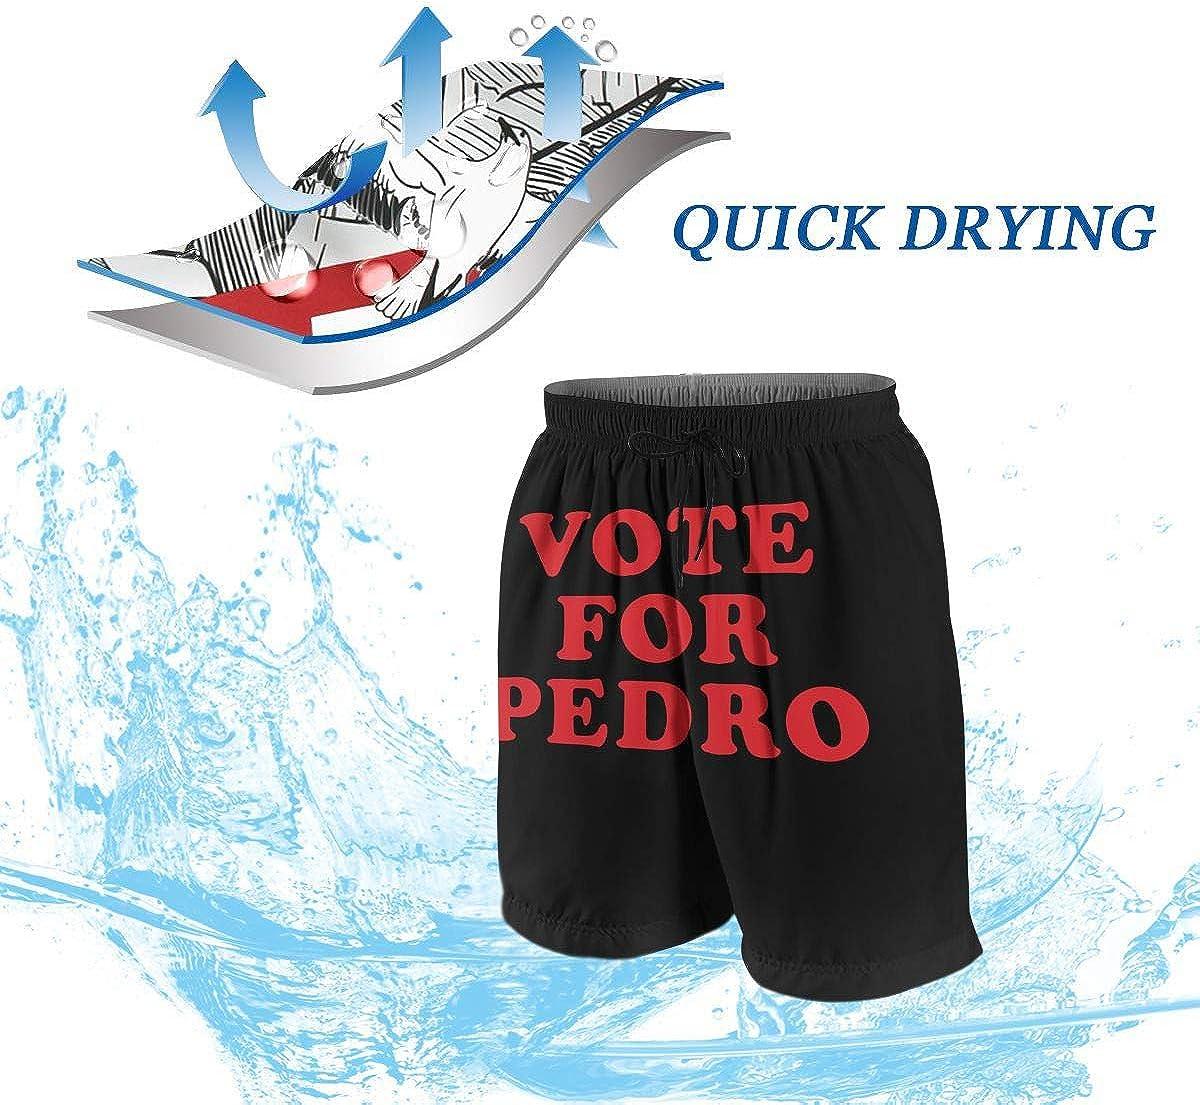 Hkany Vote for Pedro Teenager Boys Beachwear Beach Shorts Pants Board Shorts